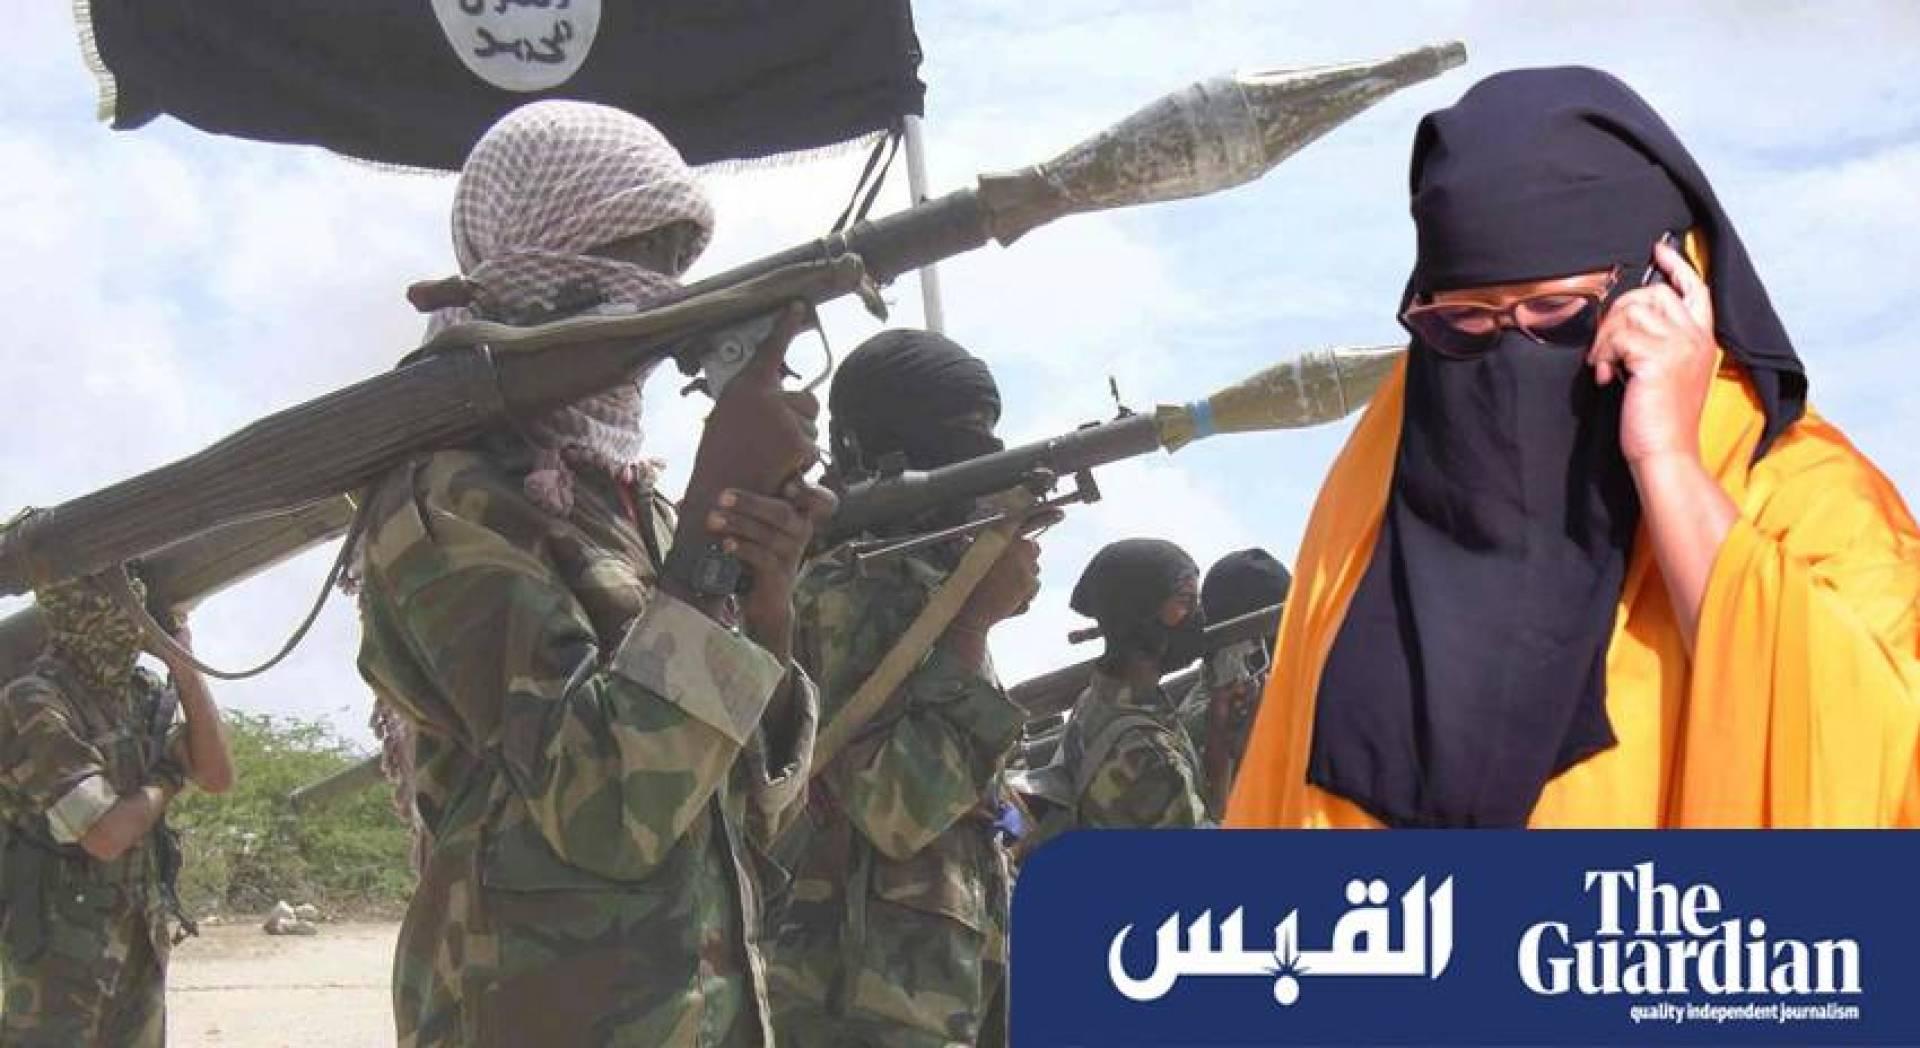 «ماما بوكو حرام».. قصة امرأة تكافح لإنقاذ أطفالها من الإرهاب